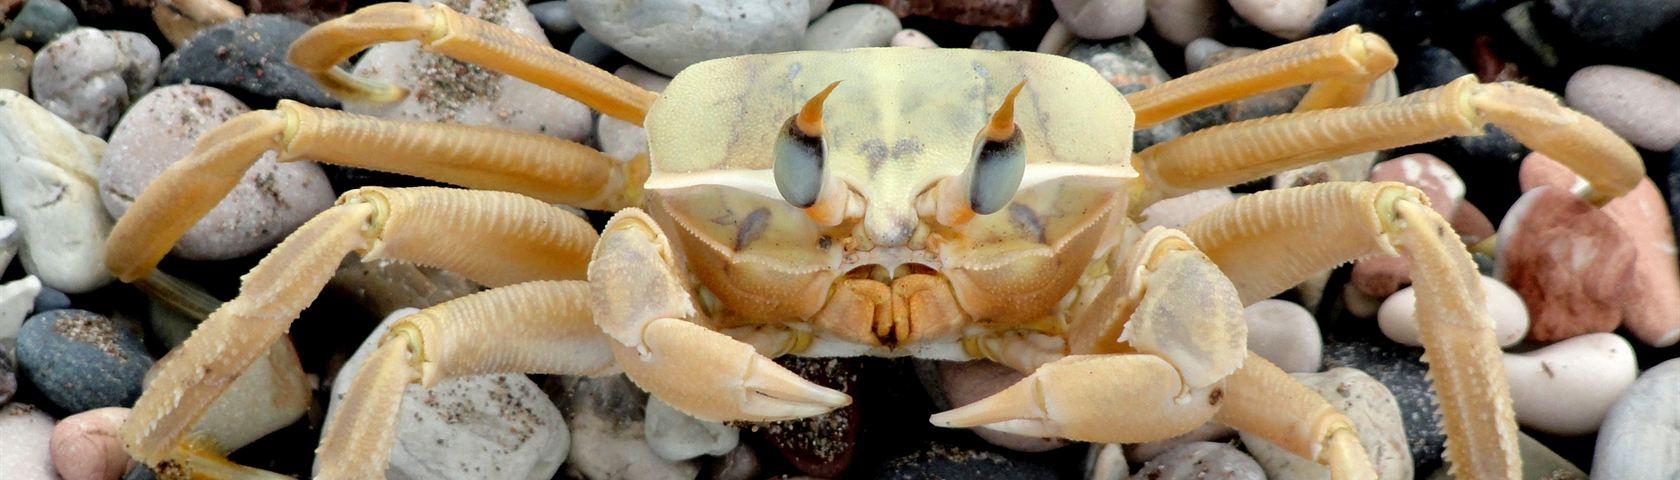 Crab on a Stoney Beach